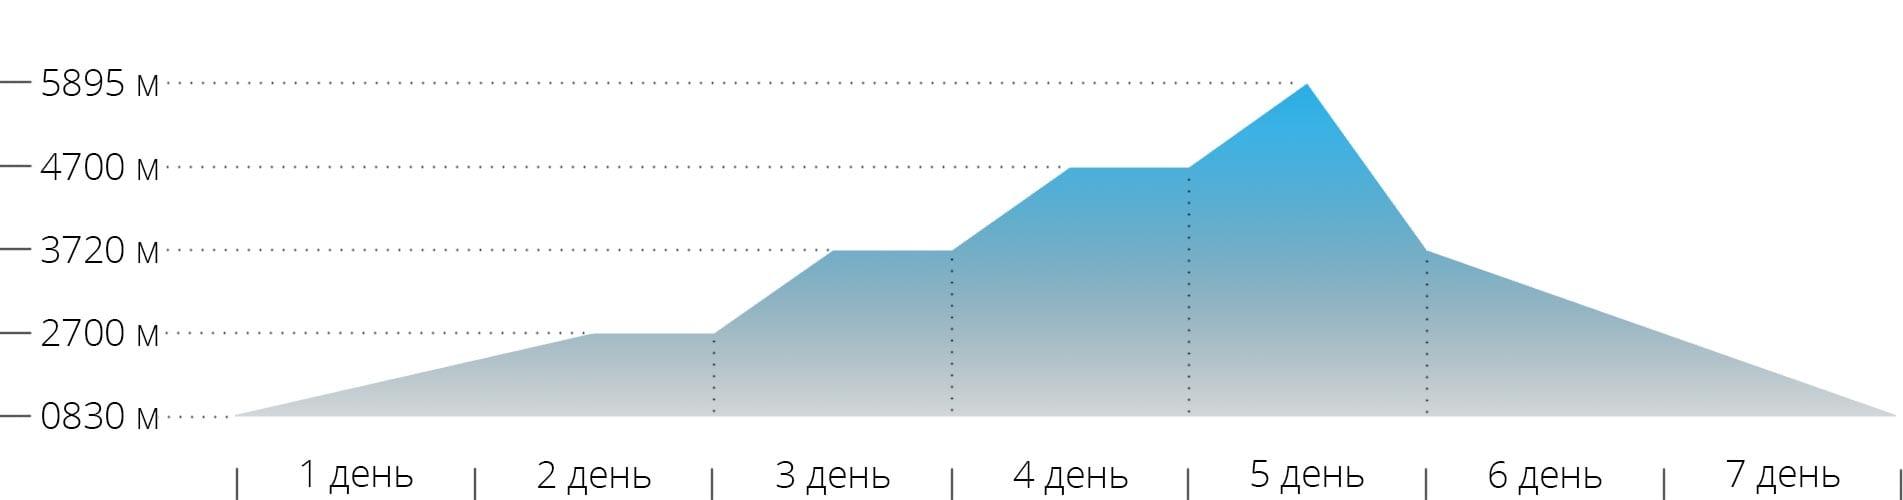 График с высотами для восхождения на гору Килиманджаро по маршруту Марангу